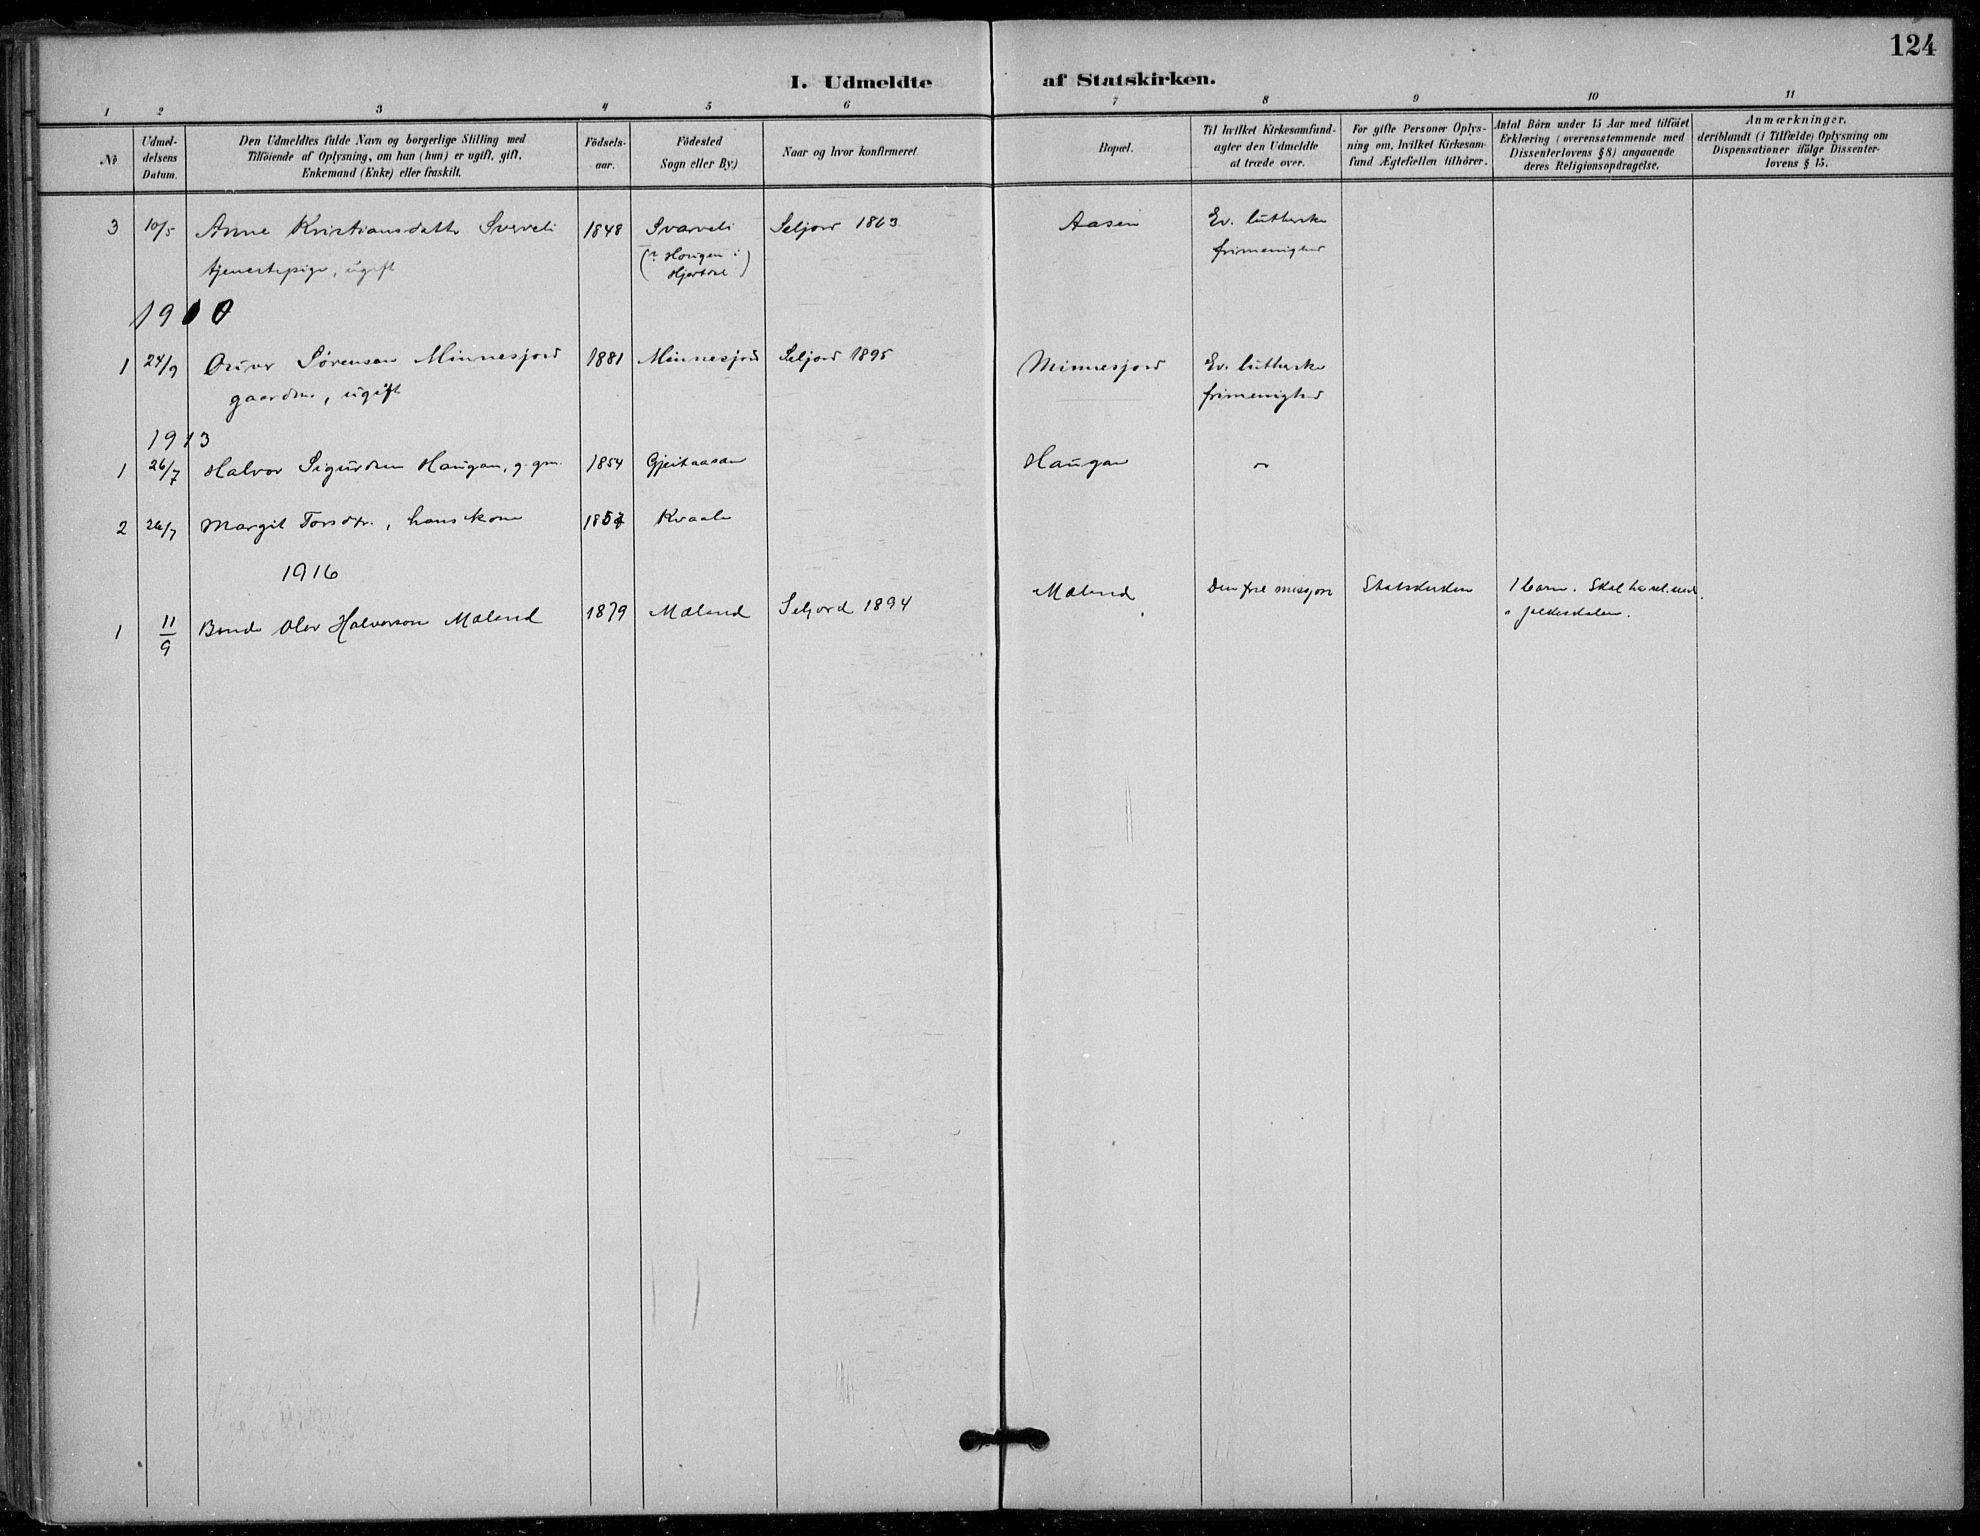 SAKO, Seljord kirkebøker, F/Fb/L0002: Ministerialbok nr. II 2, 1887-1917, s. 124